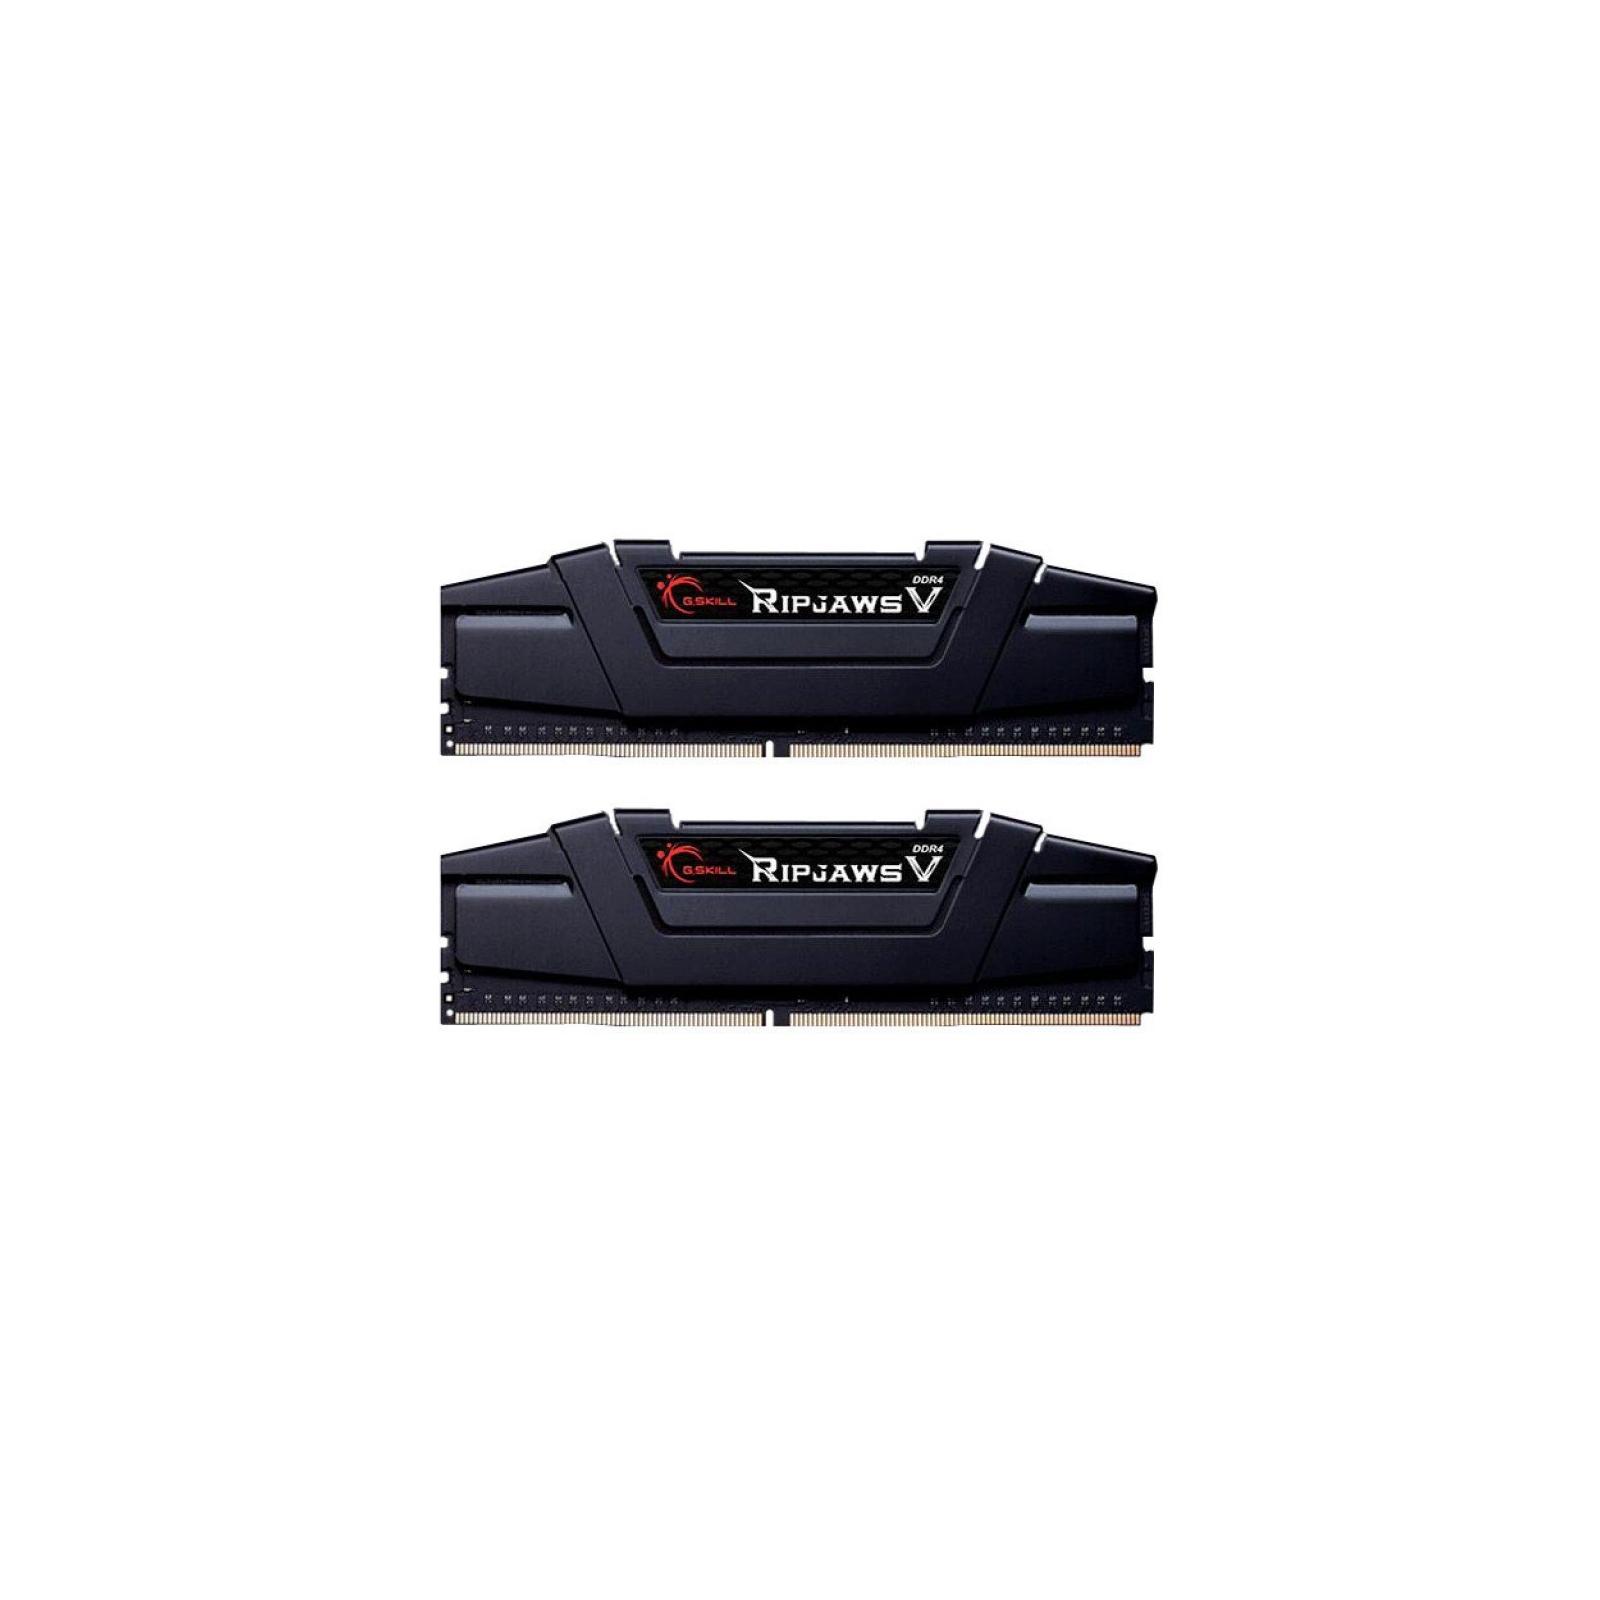 Модуль памяти для компьютера DDR4 32GB (2x16GB) 3200 MHz Ripjaws V G.Skill (F4-3200C16D-32GVK)